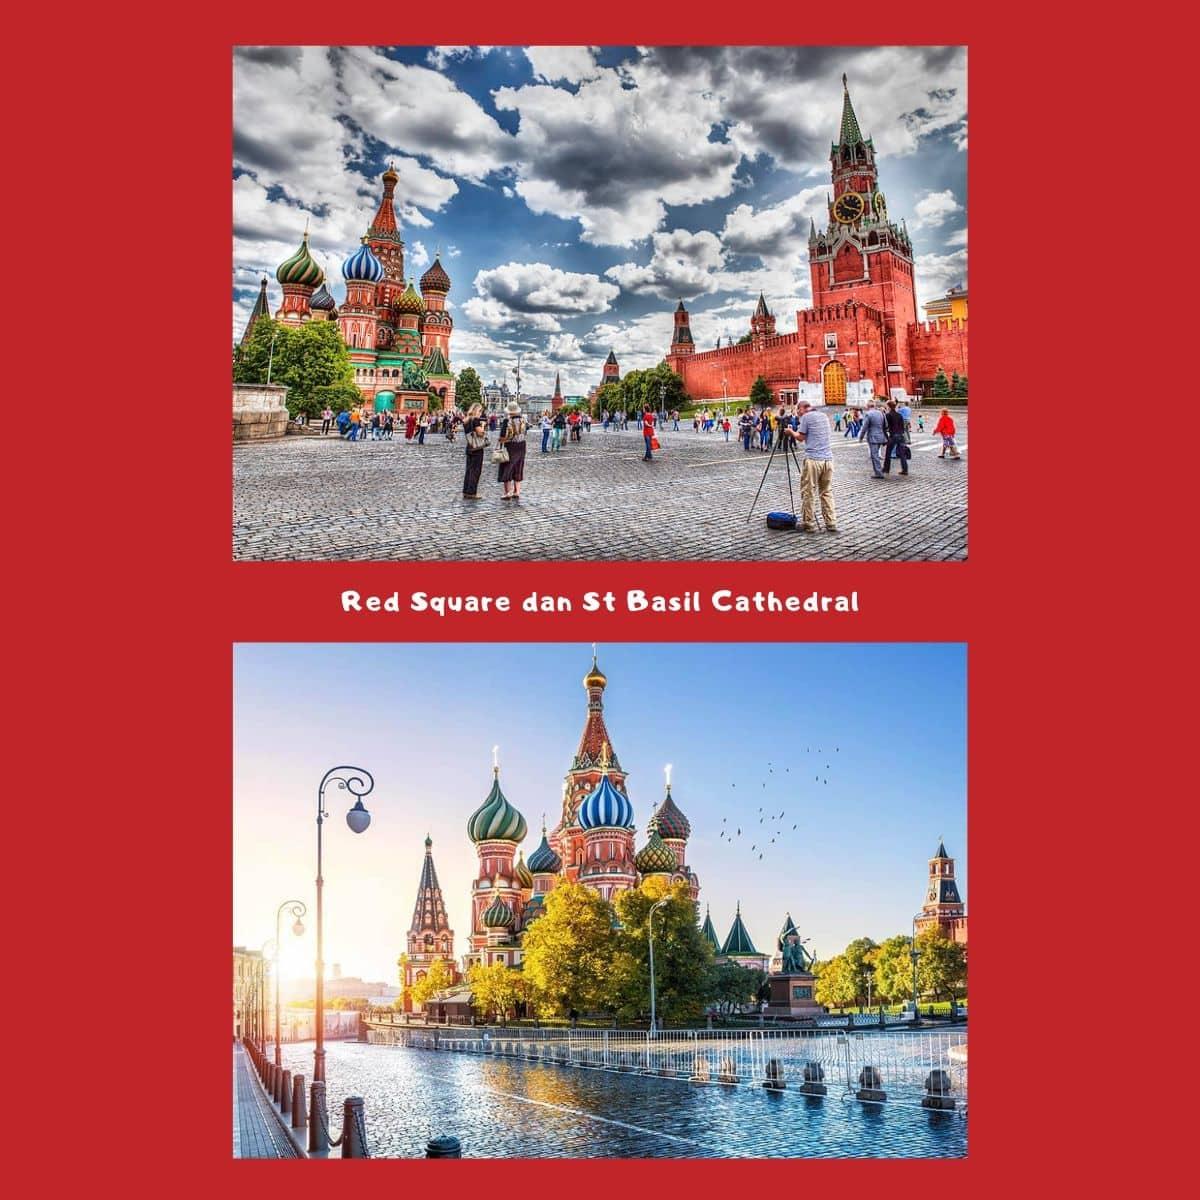 Itinerary Wisata di Rusia Liburan Musim Dingin Selama 10D - Red Square & St Basil Cathedral Moskow - Sumber Wikimedia